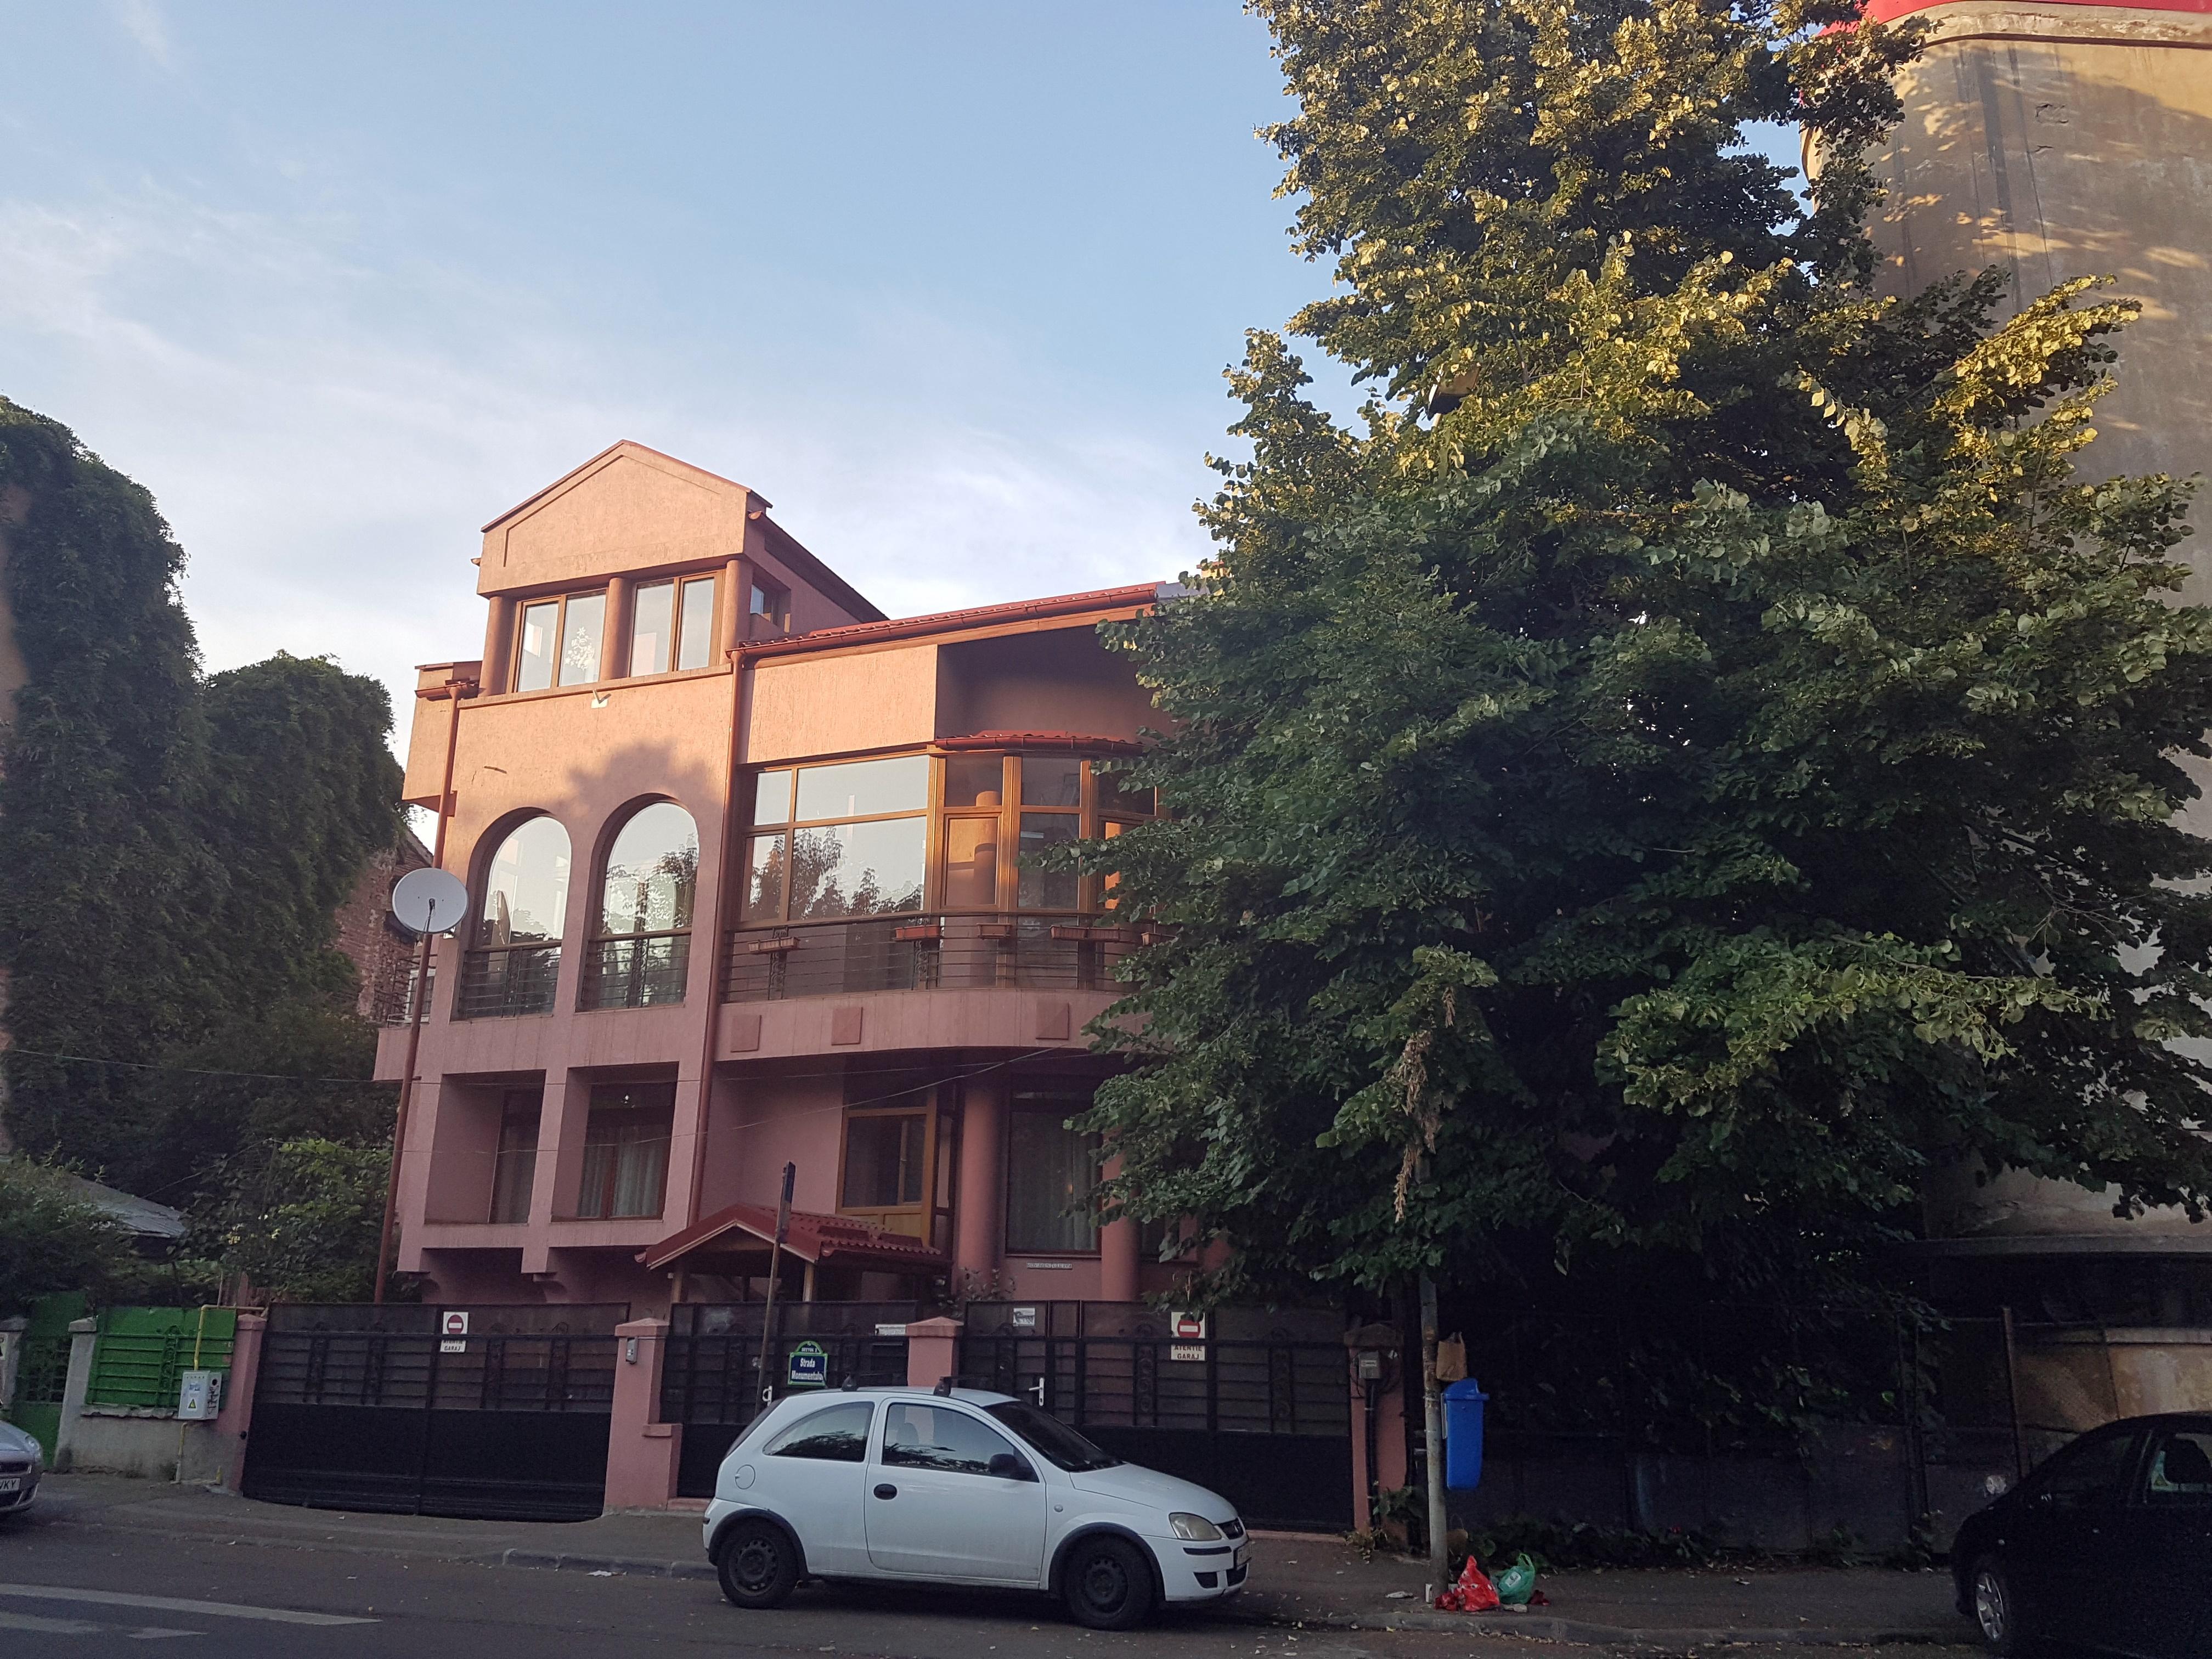 Un bloc cu patru etaje ar putea apărea în zona protejată Mihai Eminescu, vizavi de casa Henrieta Delavrancea, monument istoric. Cum a fost distrusă zona în ultimii 15 ani 39